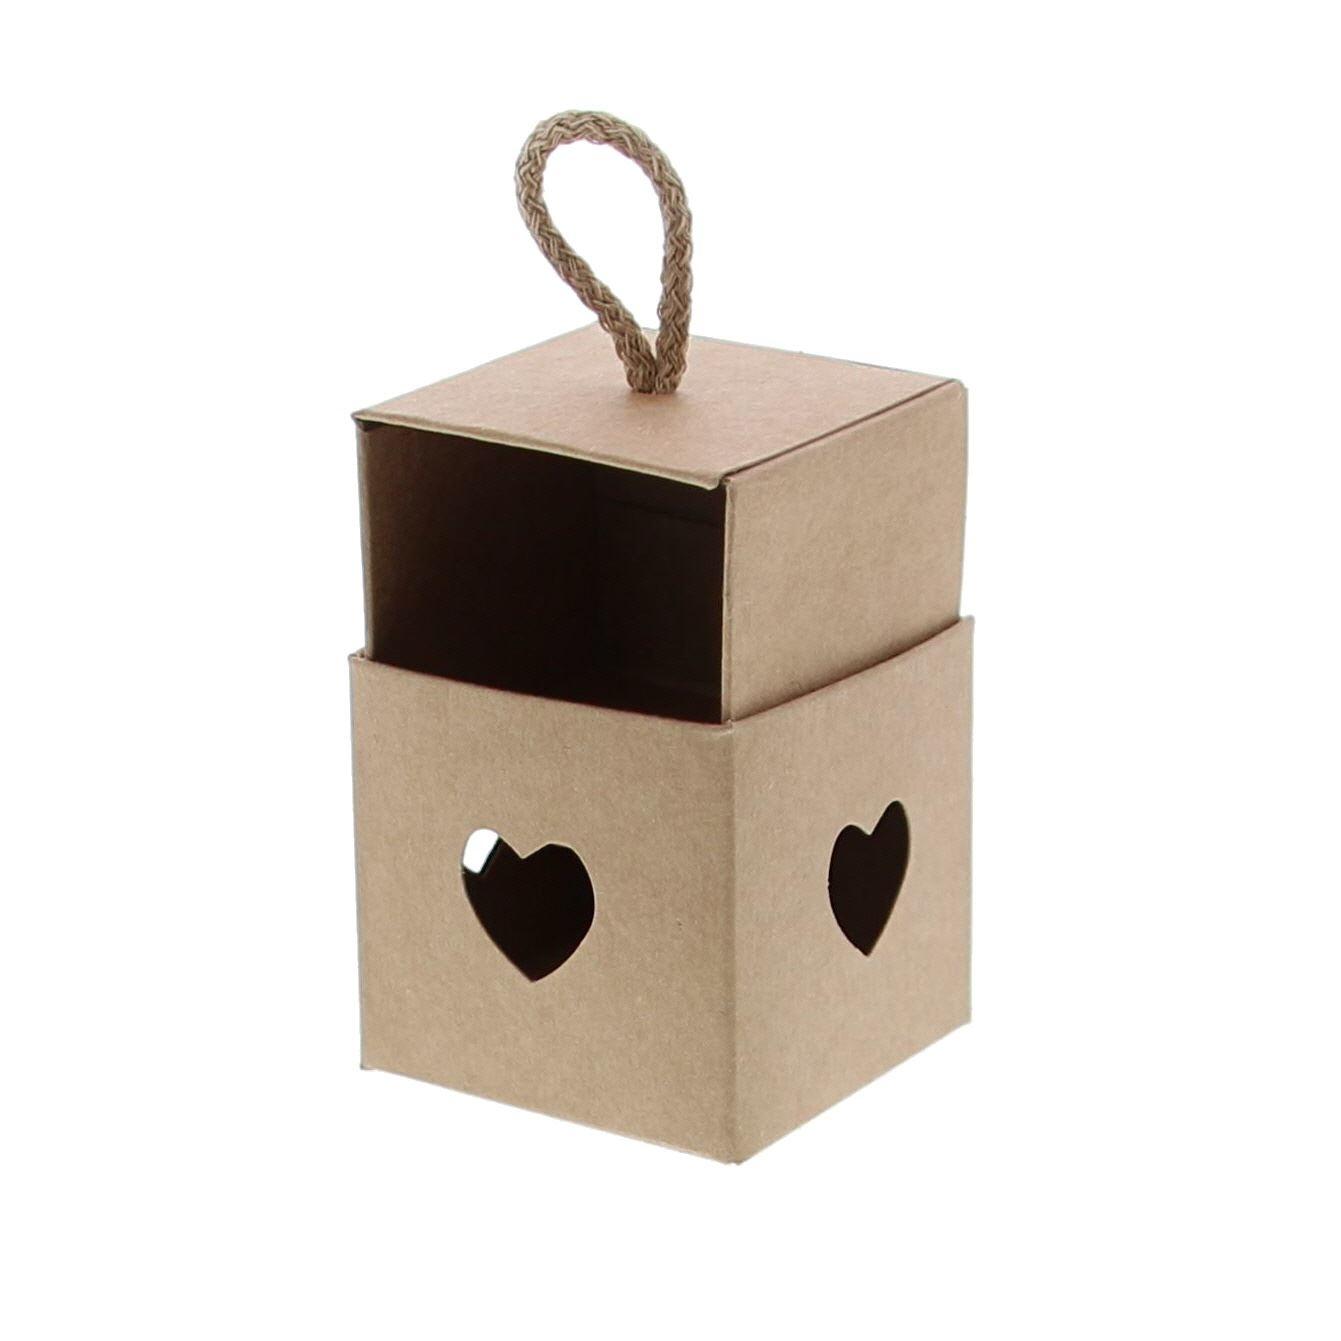 Boîte Cube avec coeur kraft - disponible en 3 mésures